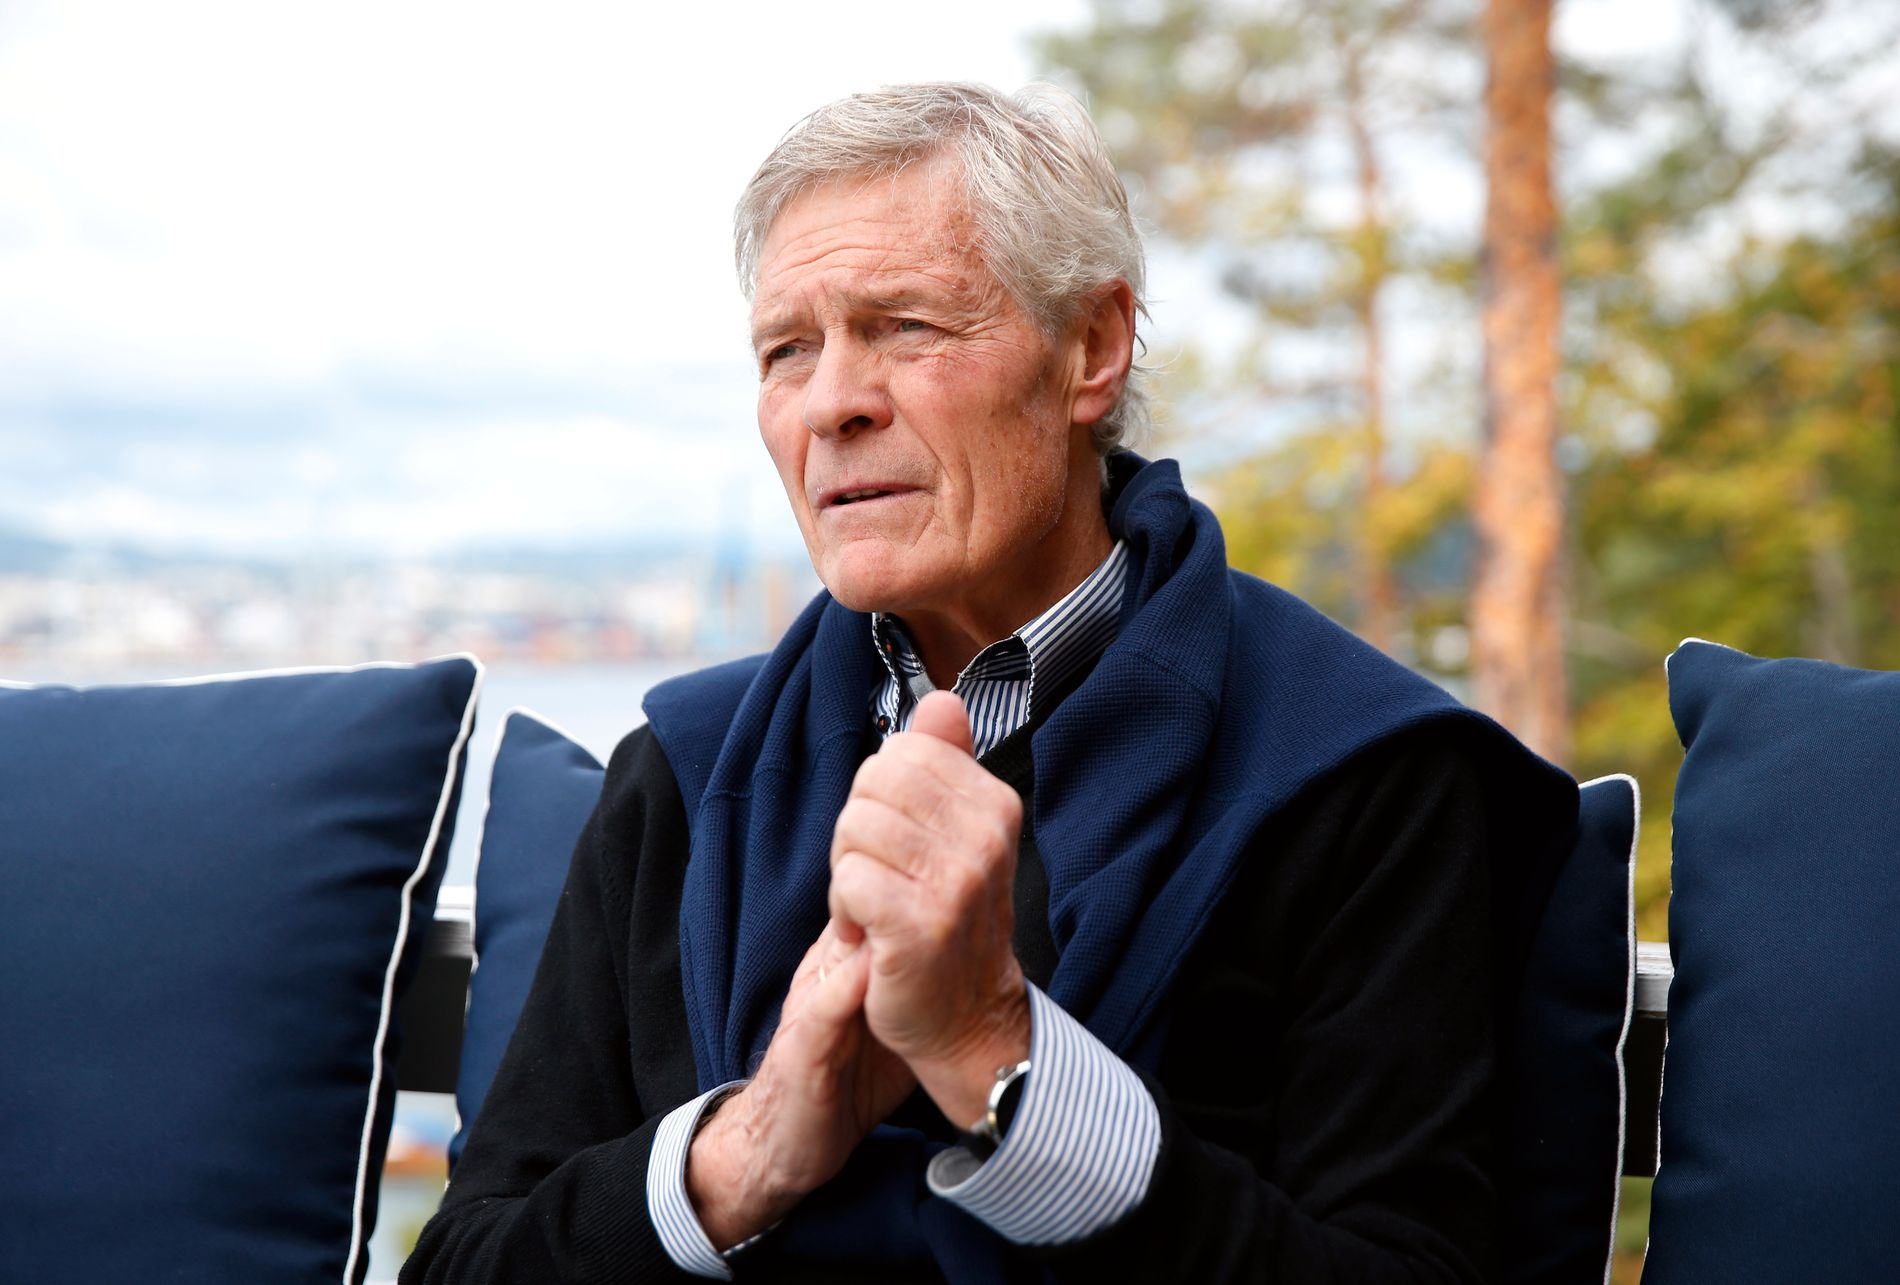 TABU-SYKDOM: Menn snakker lite om sine problemer forbundet med prostata. Roald Øyen ønsker å dele sine erfaringer for å fjerne dette tabuet.